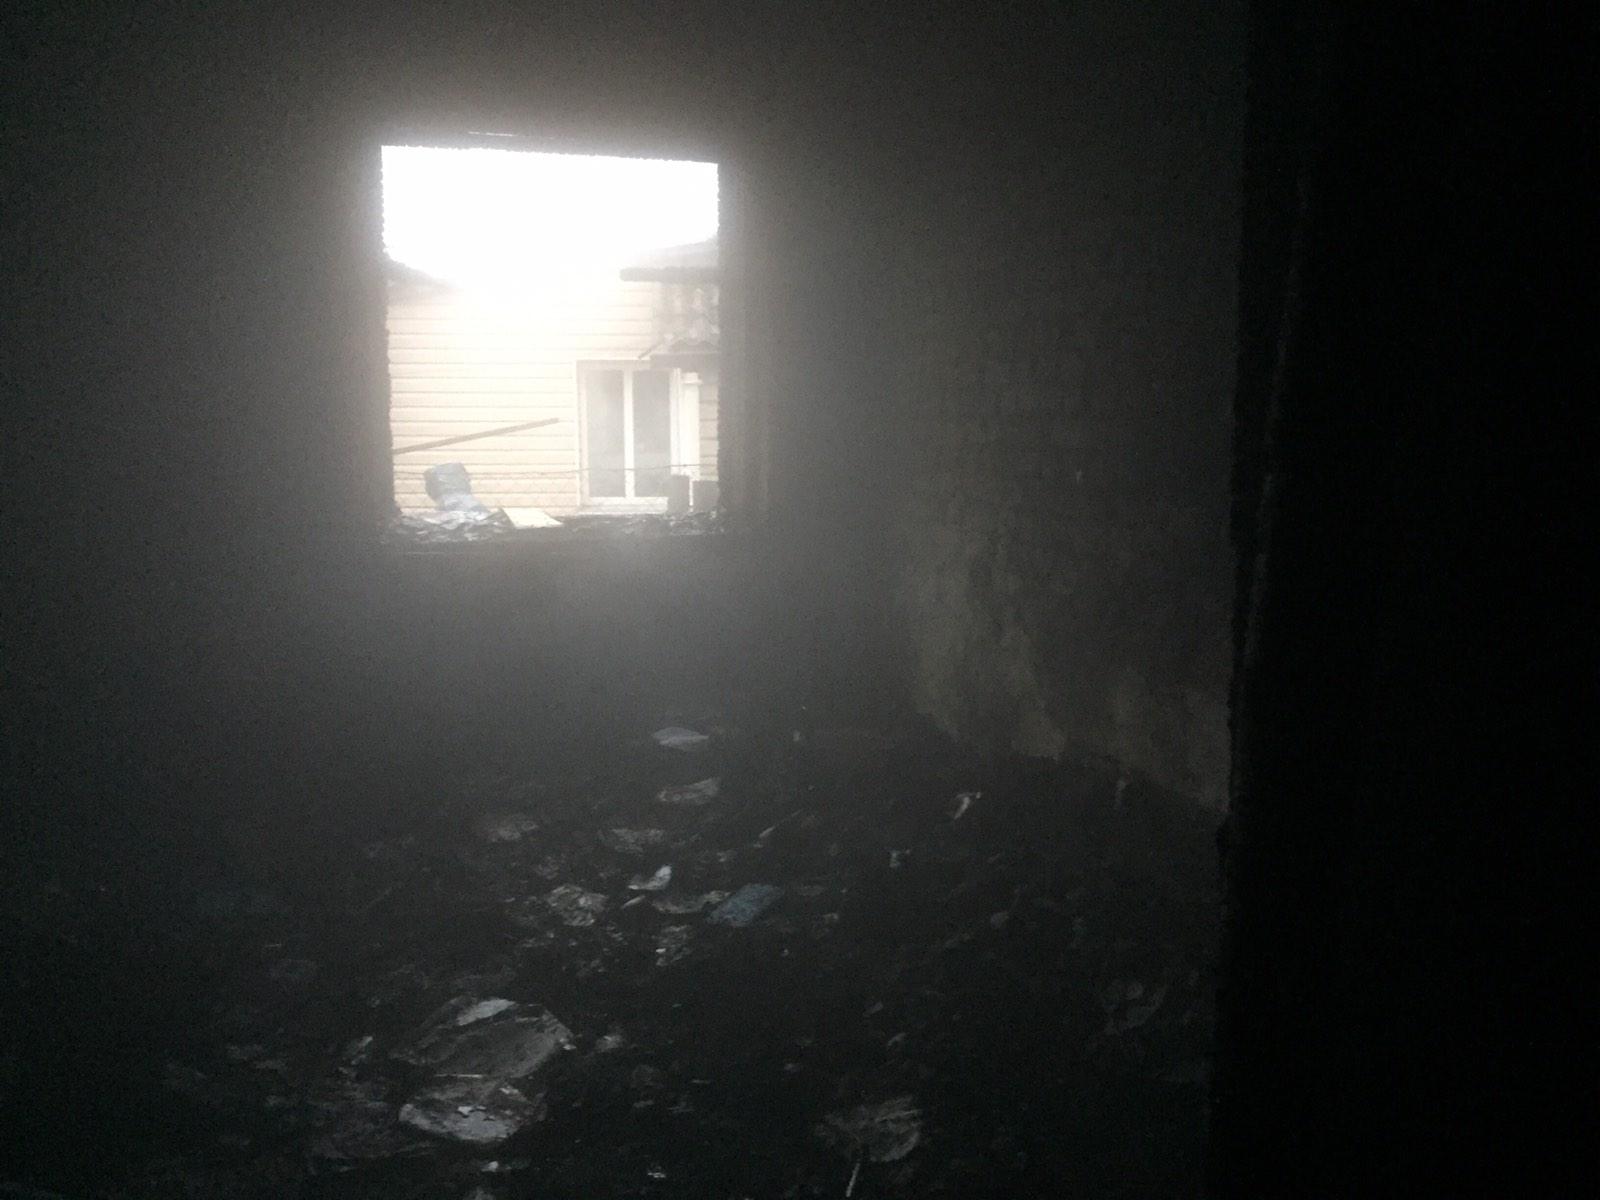 Згоріла в хаті: у Білій Церкві загинула пенсіонерка - смерть, пожежа - 0 02 05 d09f5bb70c5a4b2e64073b8caa804fa0d93d38198b17d1e1e887f8e963a0b11d 36a63787